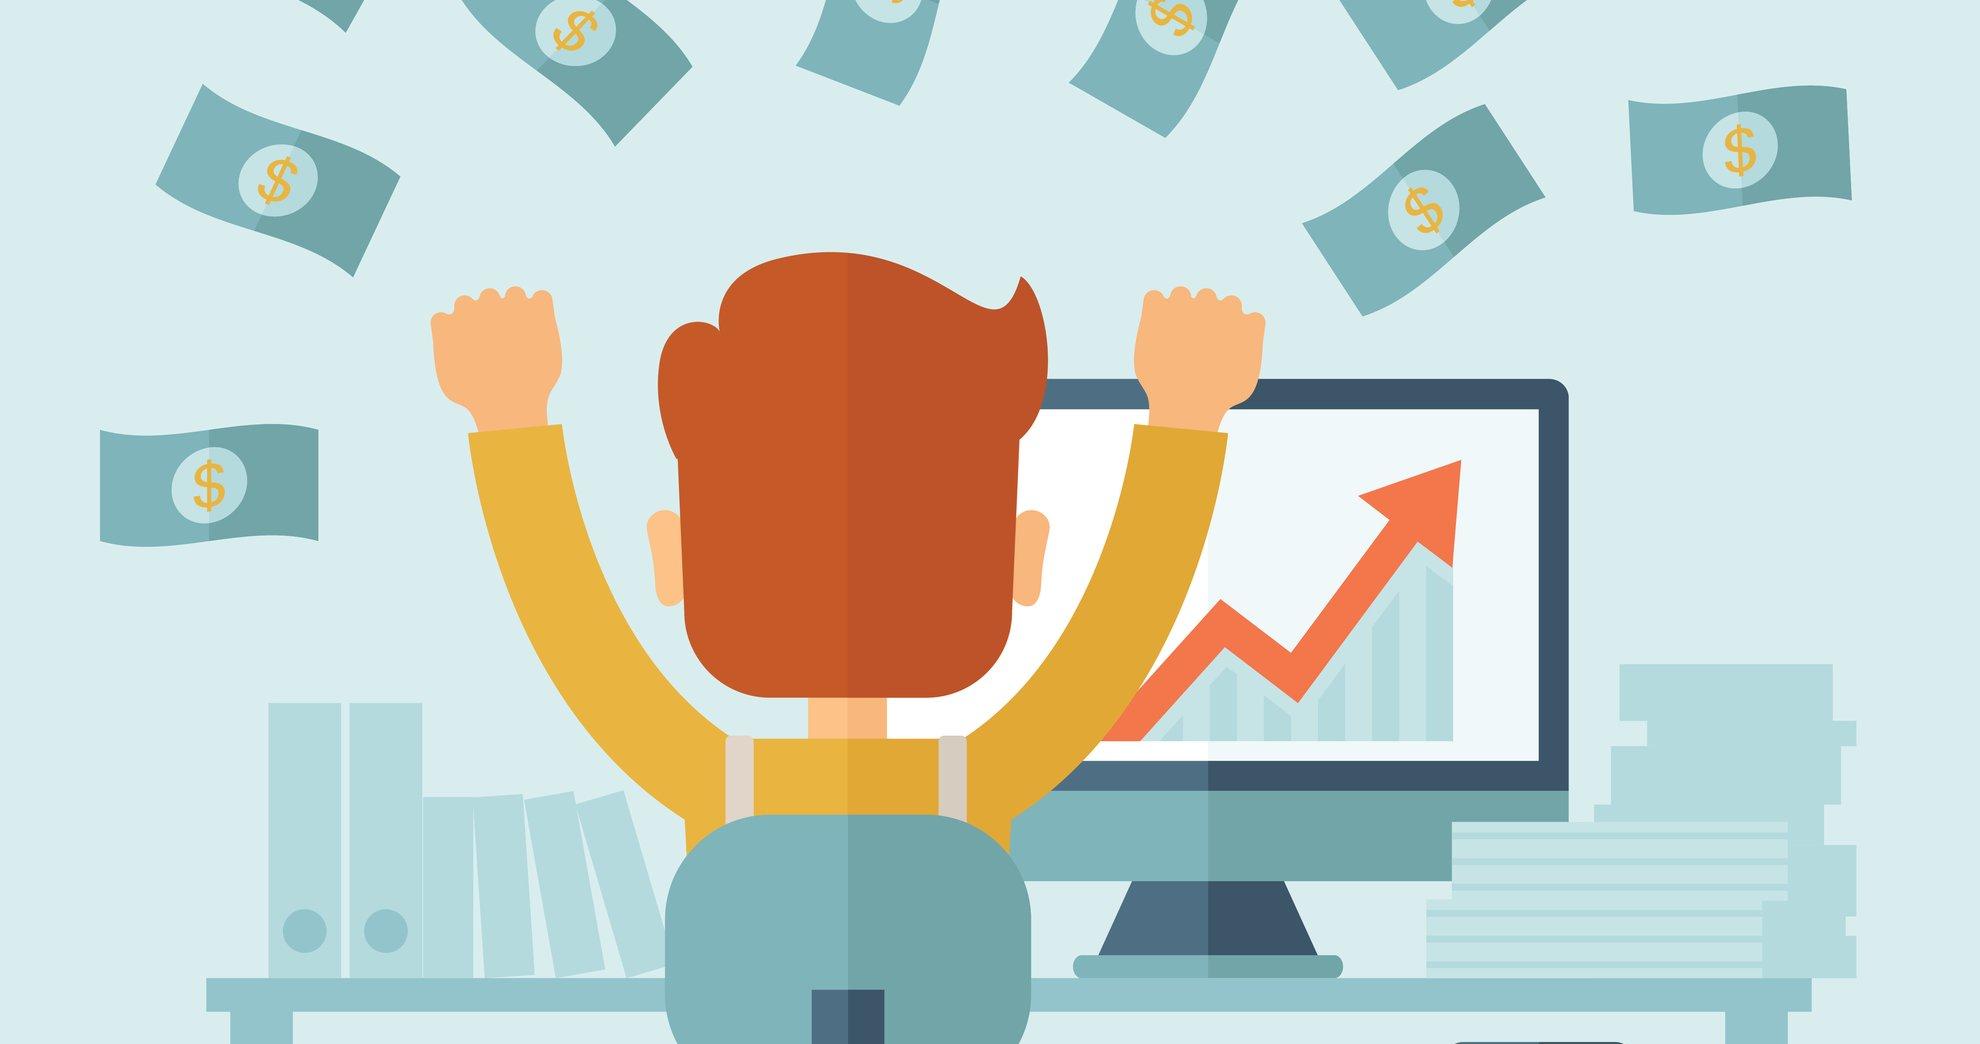 2017 Yılına Kadar Yazdığım En Etkili Satış Konulu Makaleler